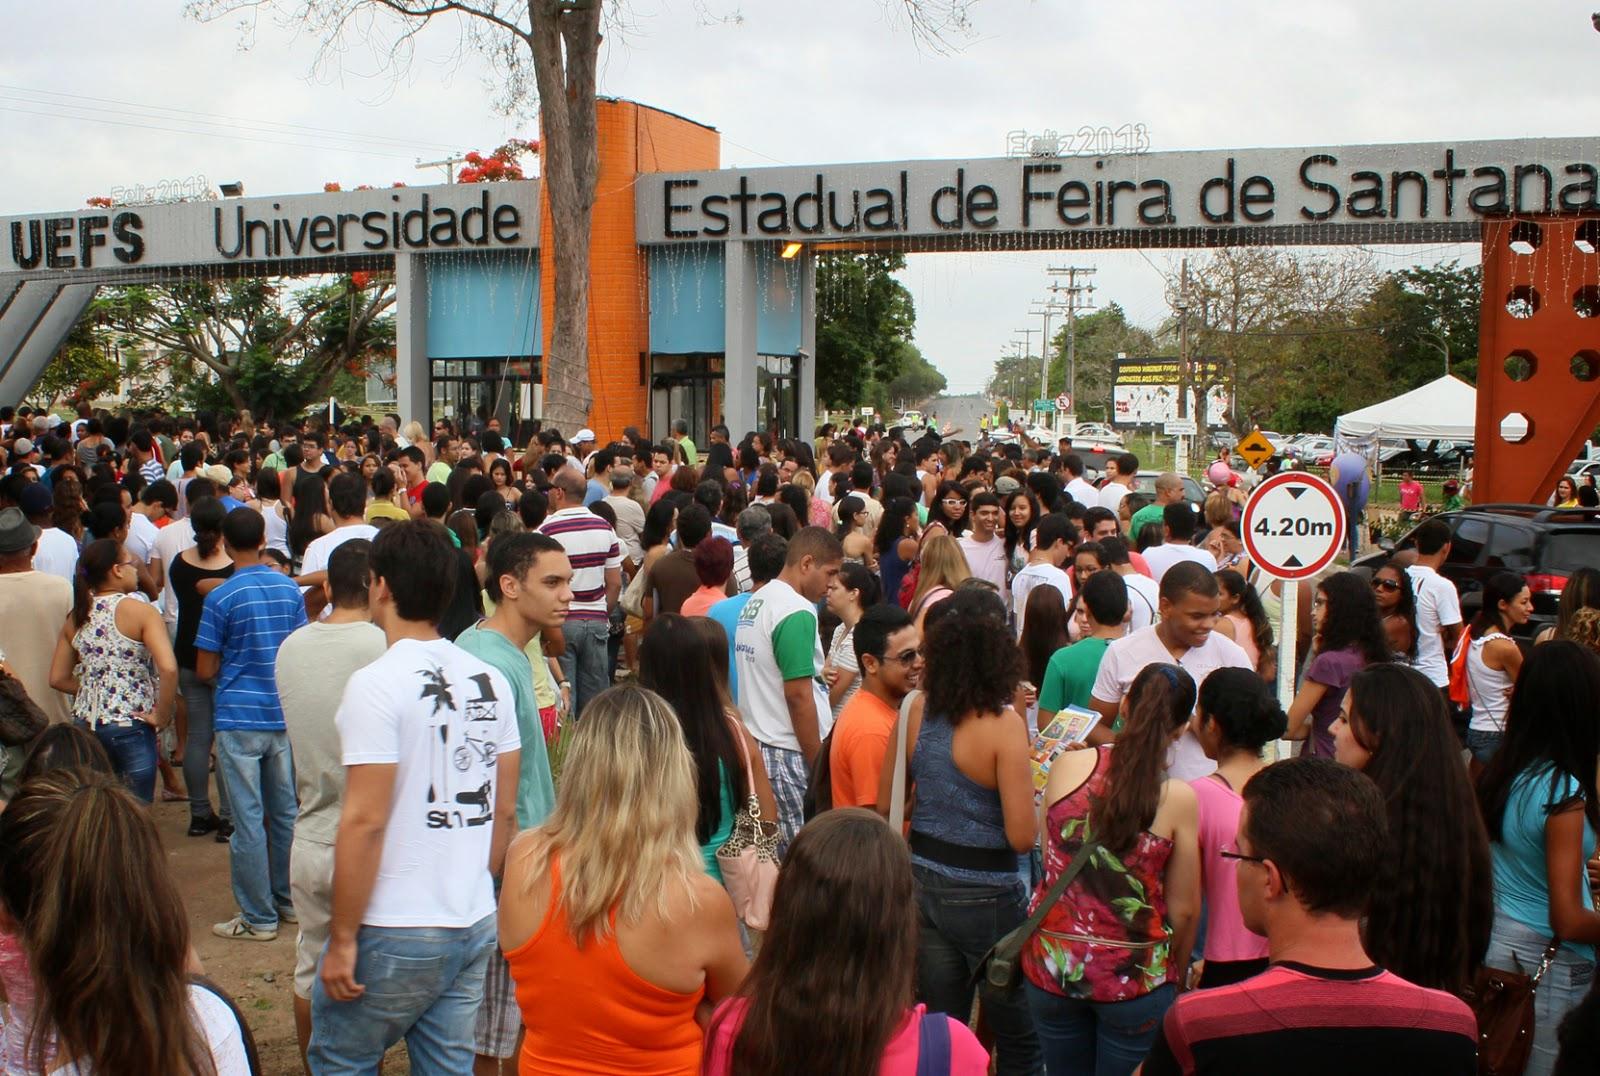 Universidade Estadual de Feira de Santana abre inscrições para vestibular de inverno 2015